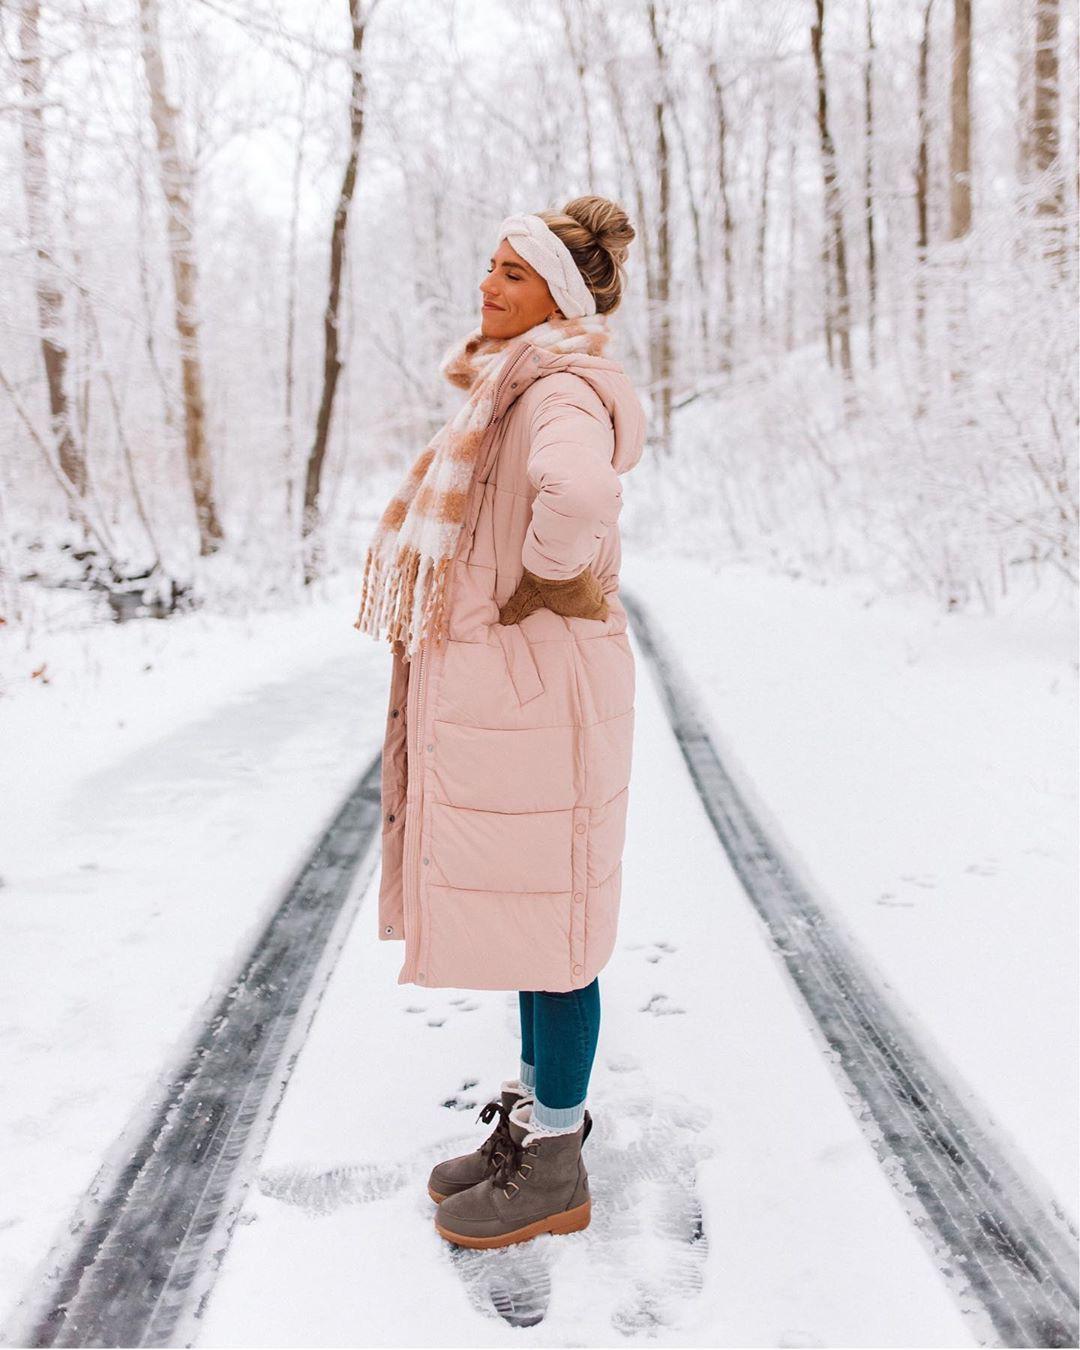 Colour dress with parka, coat, fur